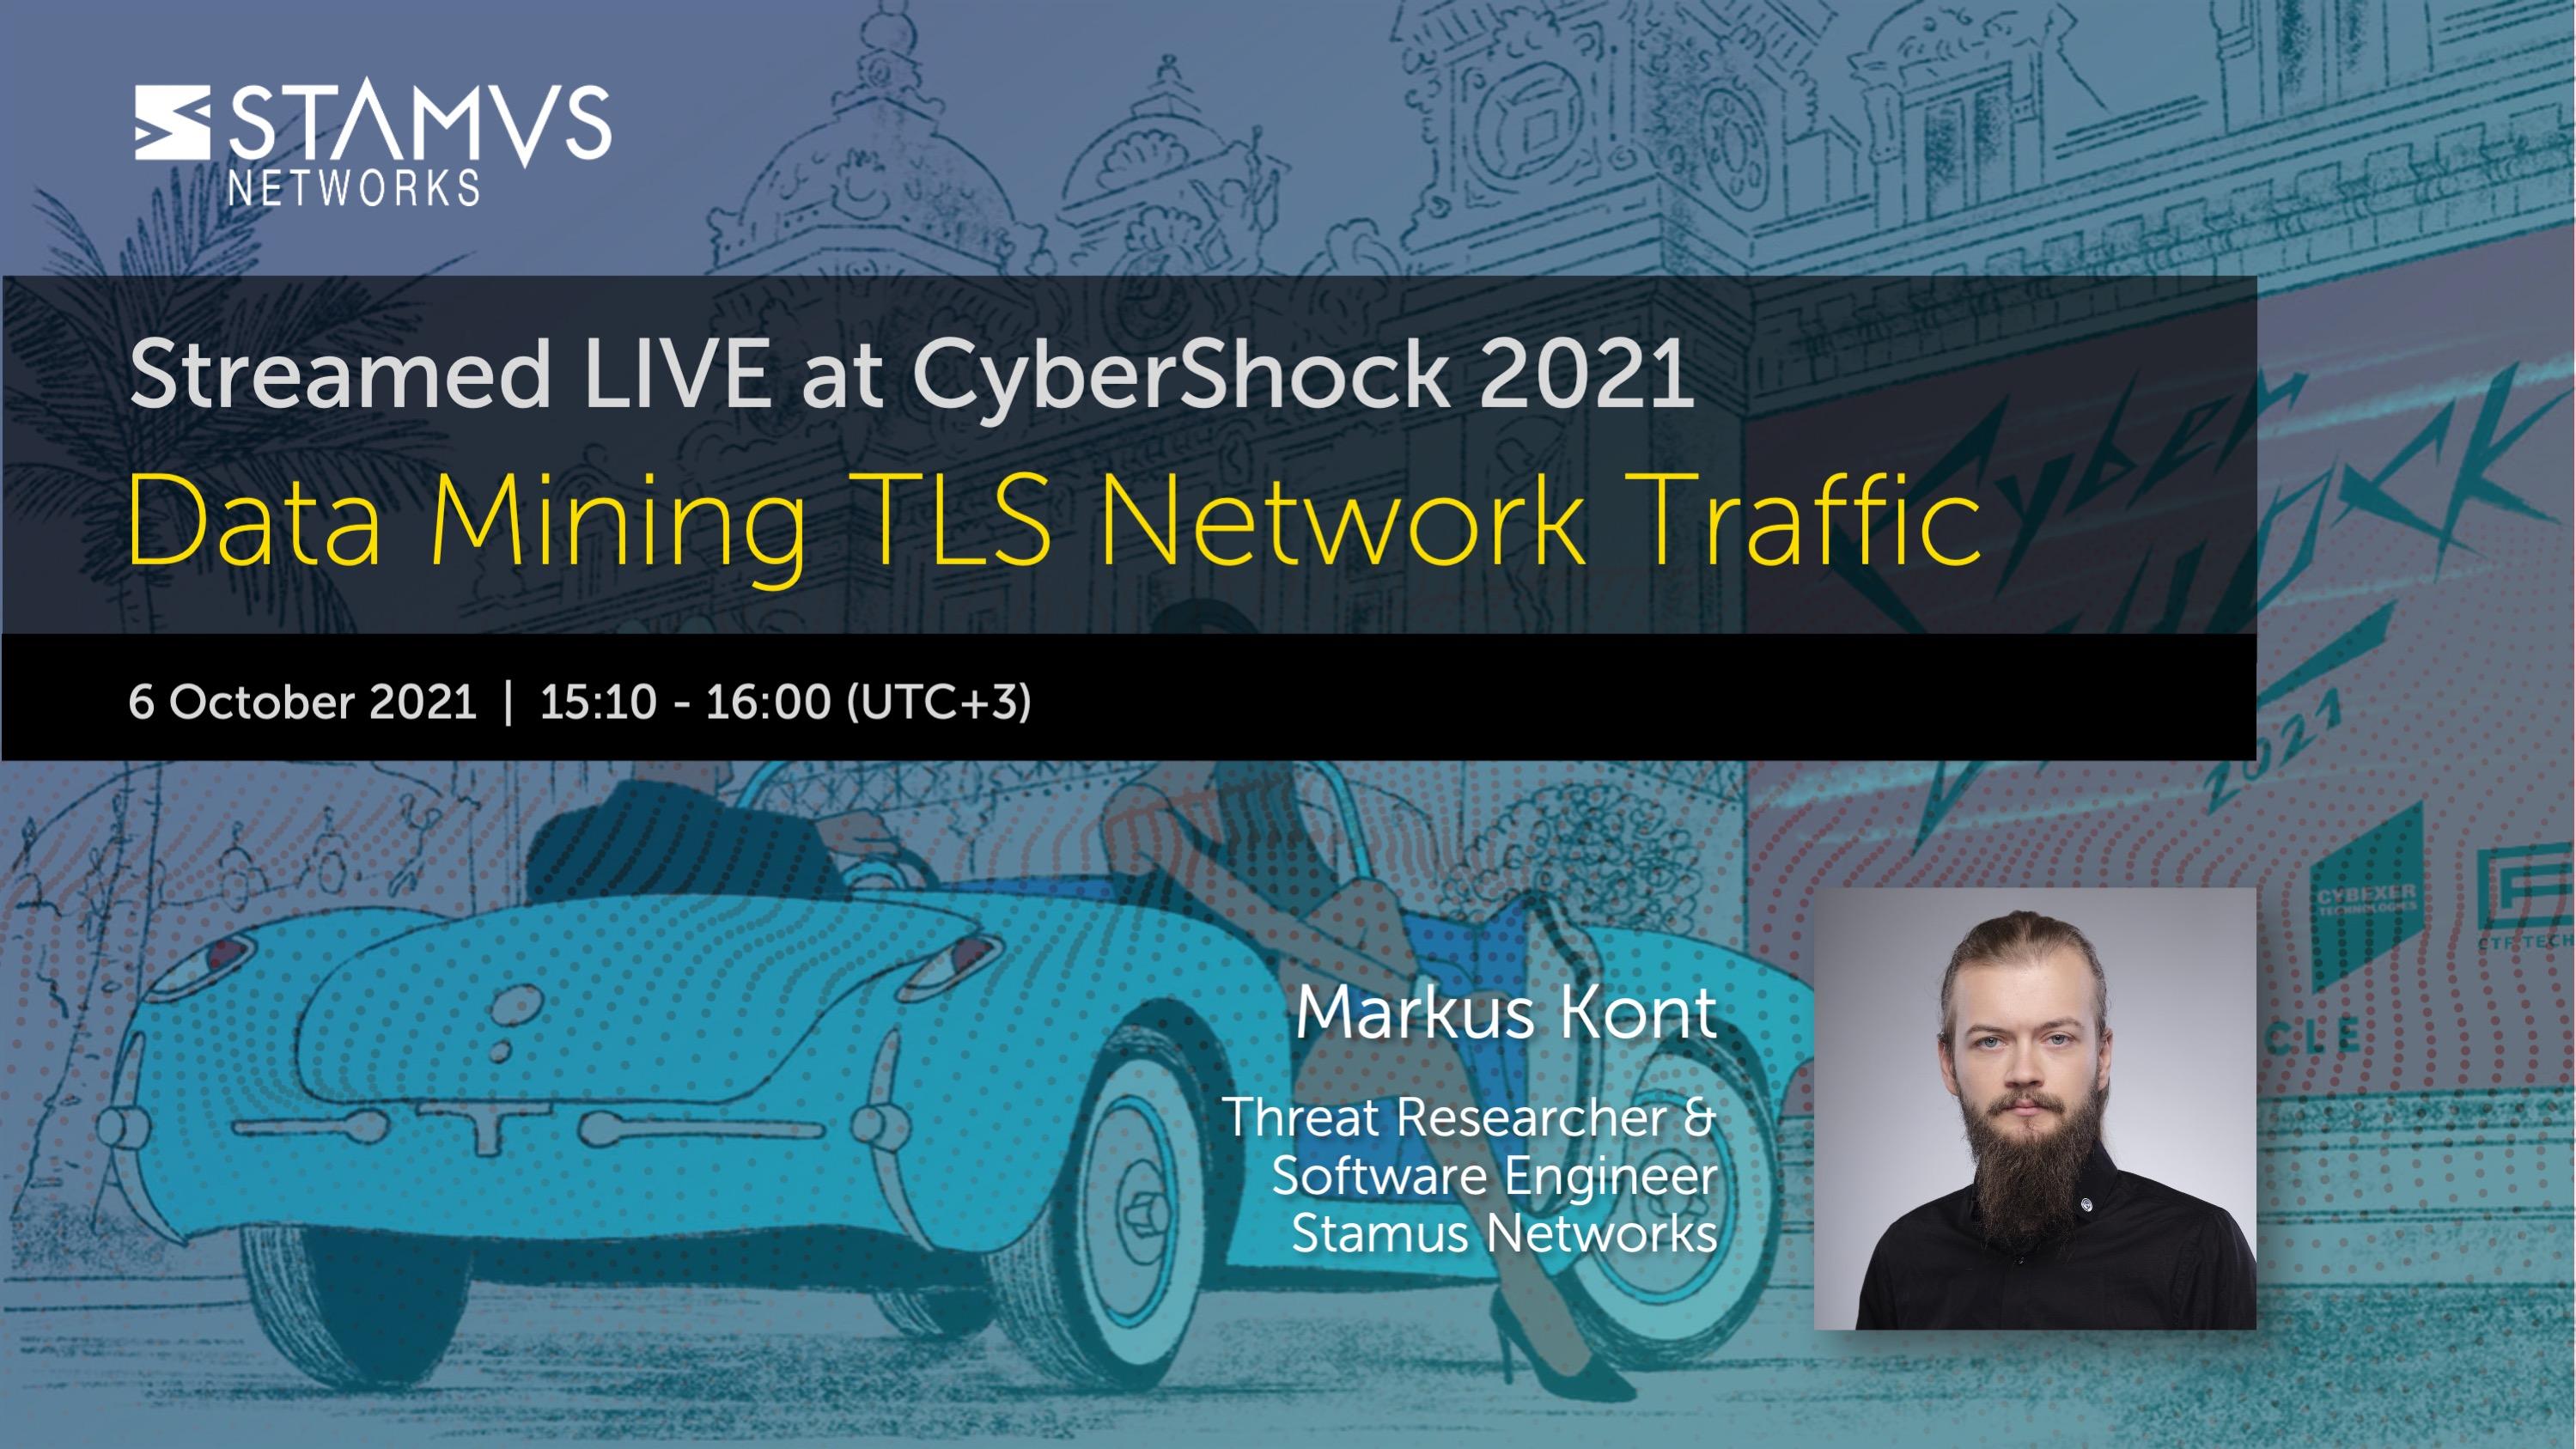 Markus Kont at CyberShock 2021: Data Mining TLS Network Traffic